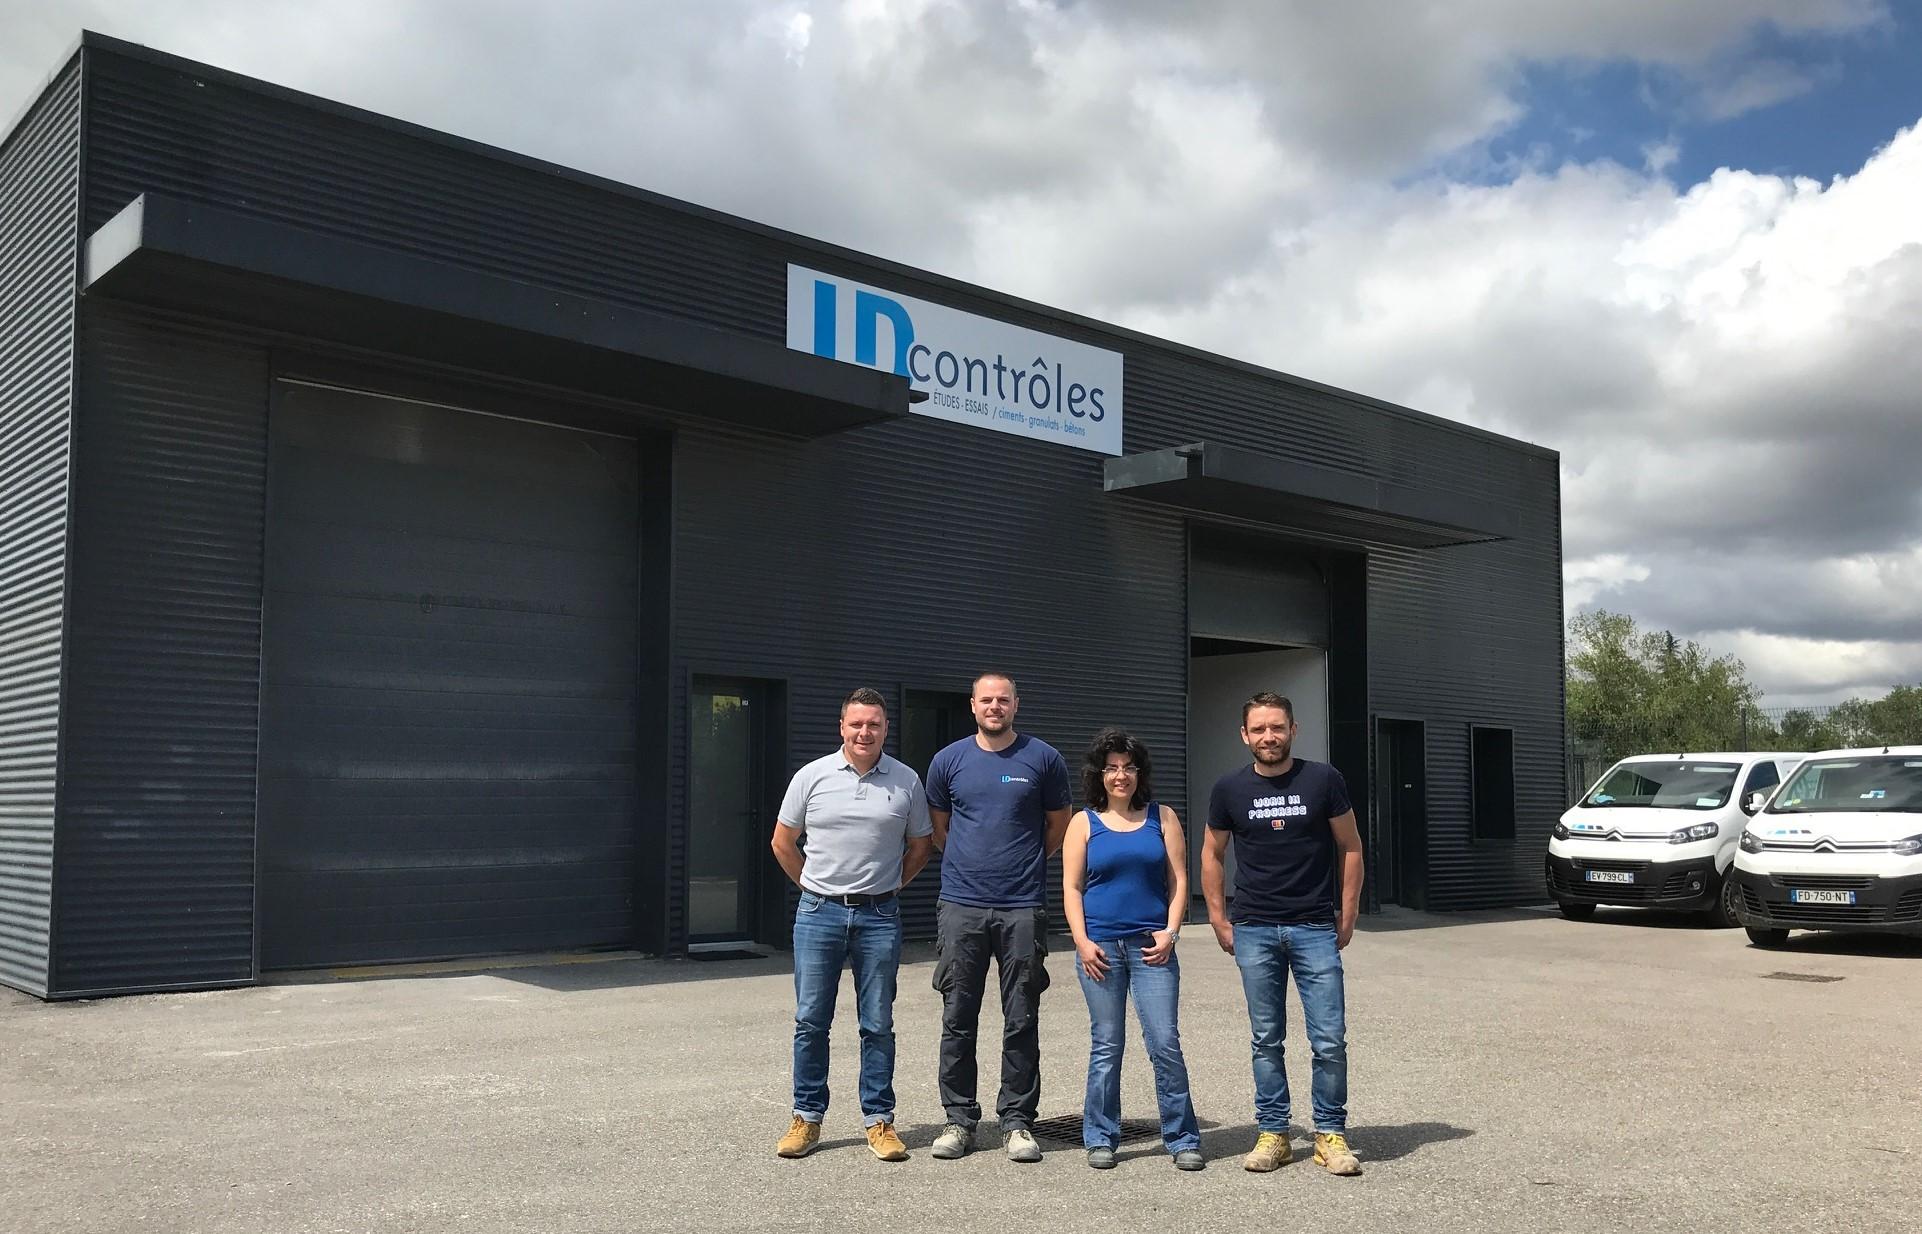 De gauche à droite : Benjamin GARNIER (Directeur Région Rhône Alpes PACA), Anthony DE SOUSA (Technicien de Laboratoire), Céline LESPOUR (Technicienne de Laboratoire) et Florian JOLY (Responsable Laboratoire de Lyon).